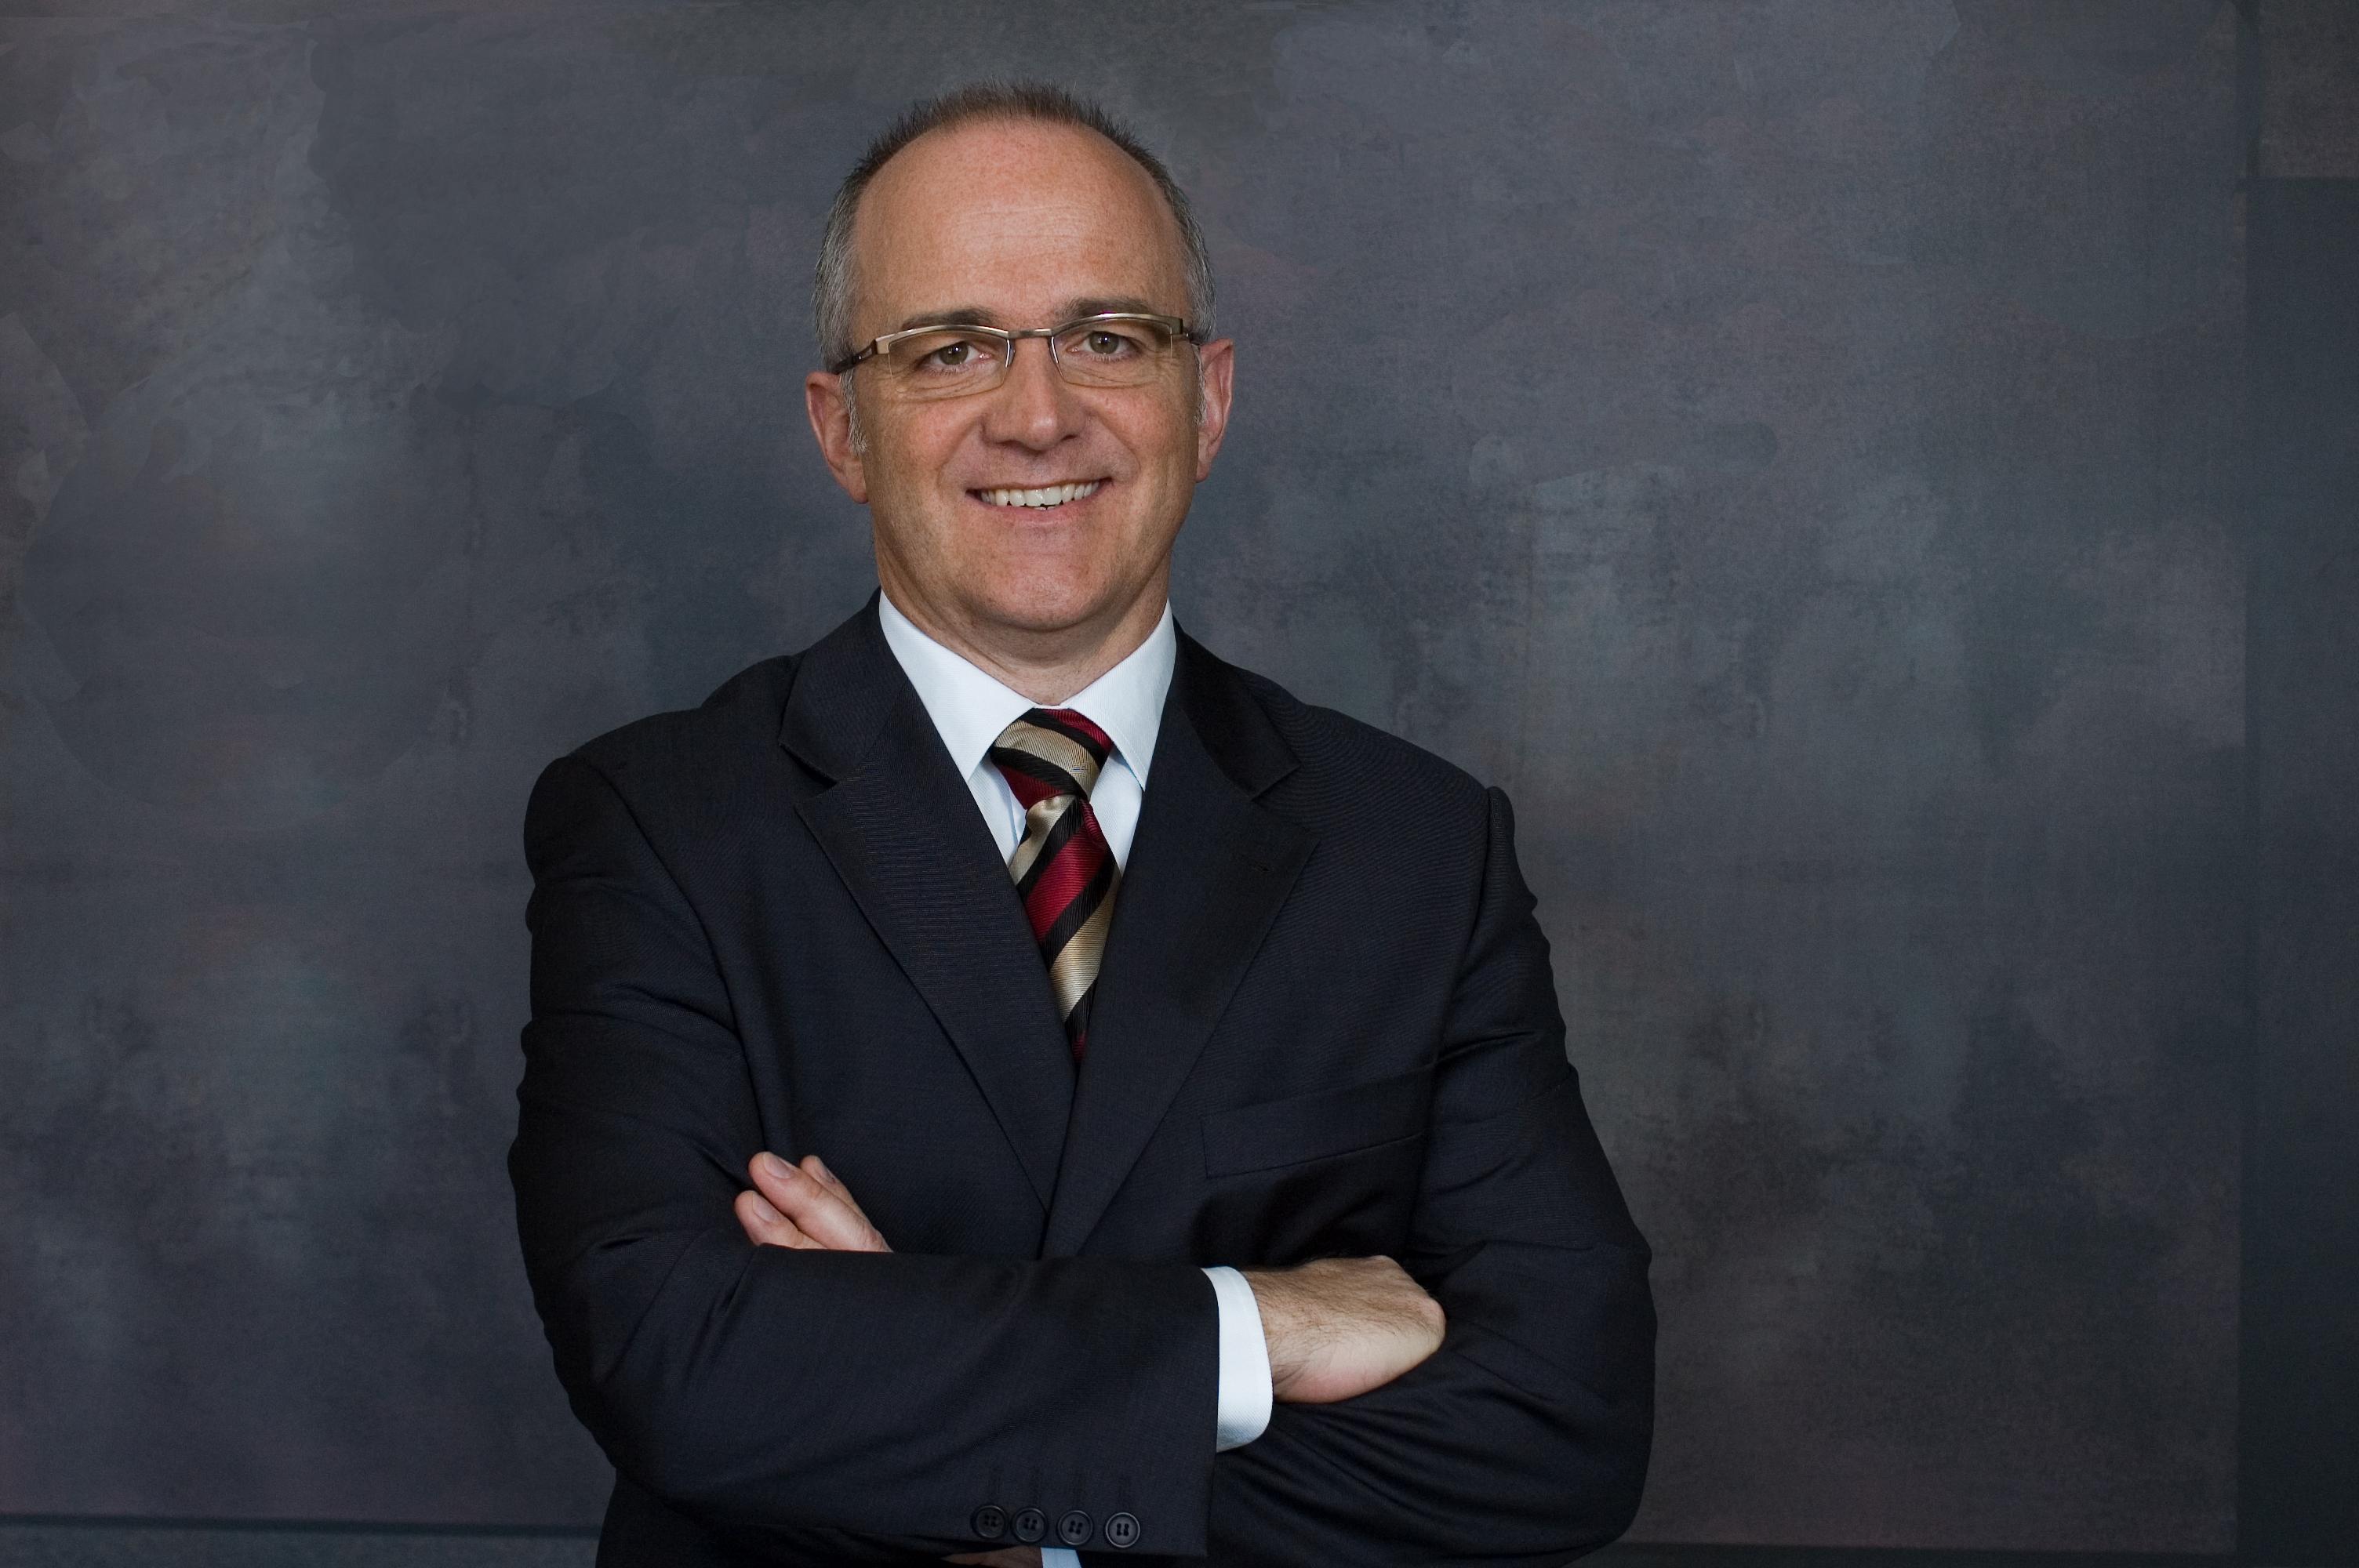 Bez pomysłu na przyszłość nie ma po co kupować stoczni – mówi Tomasz F. Pelc, prezes firmy Nexus Consultants. Fot. mat. prasowe